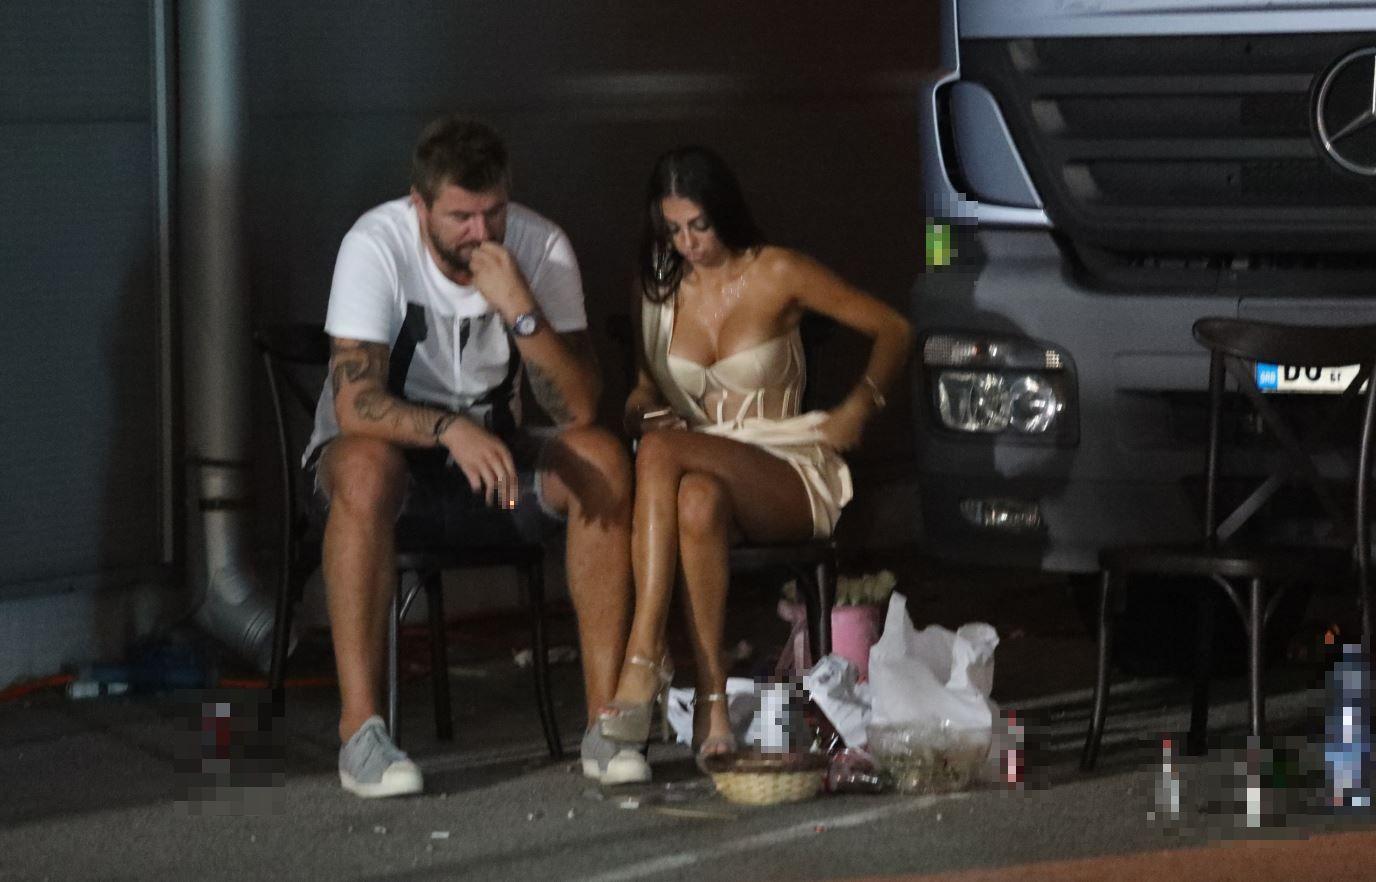 Oglasila se Maja Marinković pošto je videla da Janjuš sa ženom šeta po šoping centru! Kada pročita ovo neće mu biti dobro!